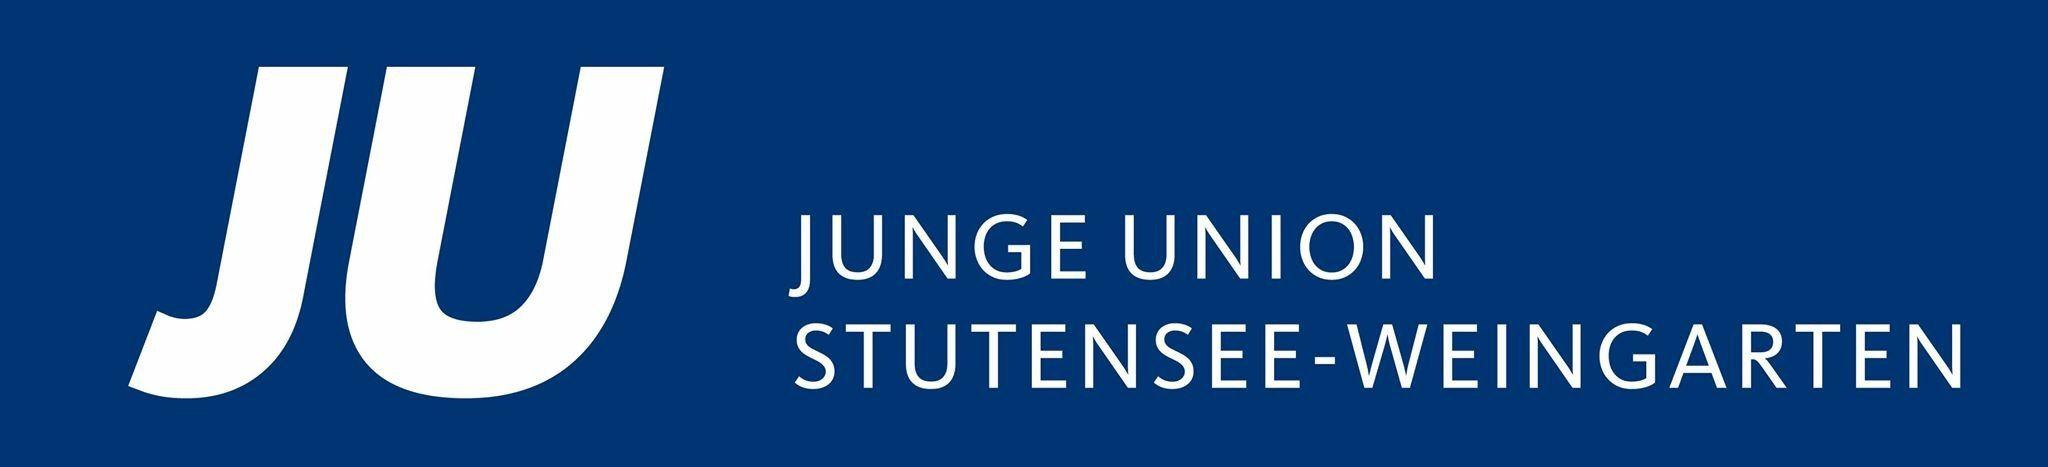 Logo von Junge Union Stutensee-Weingarten